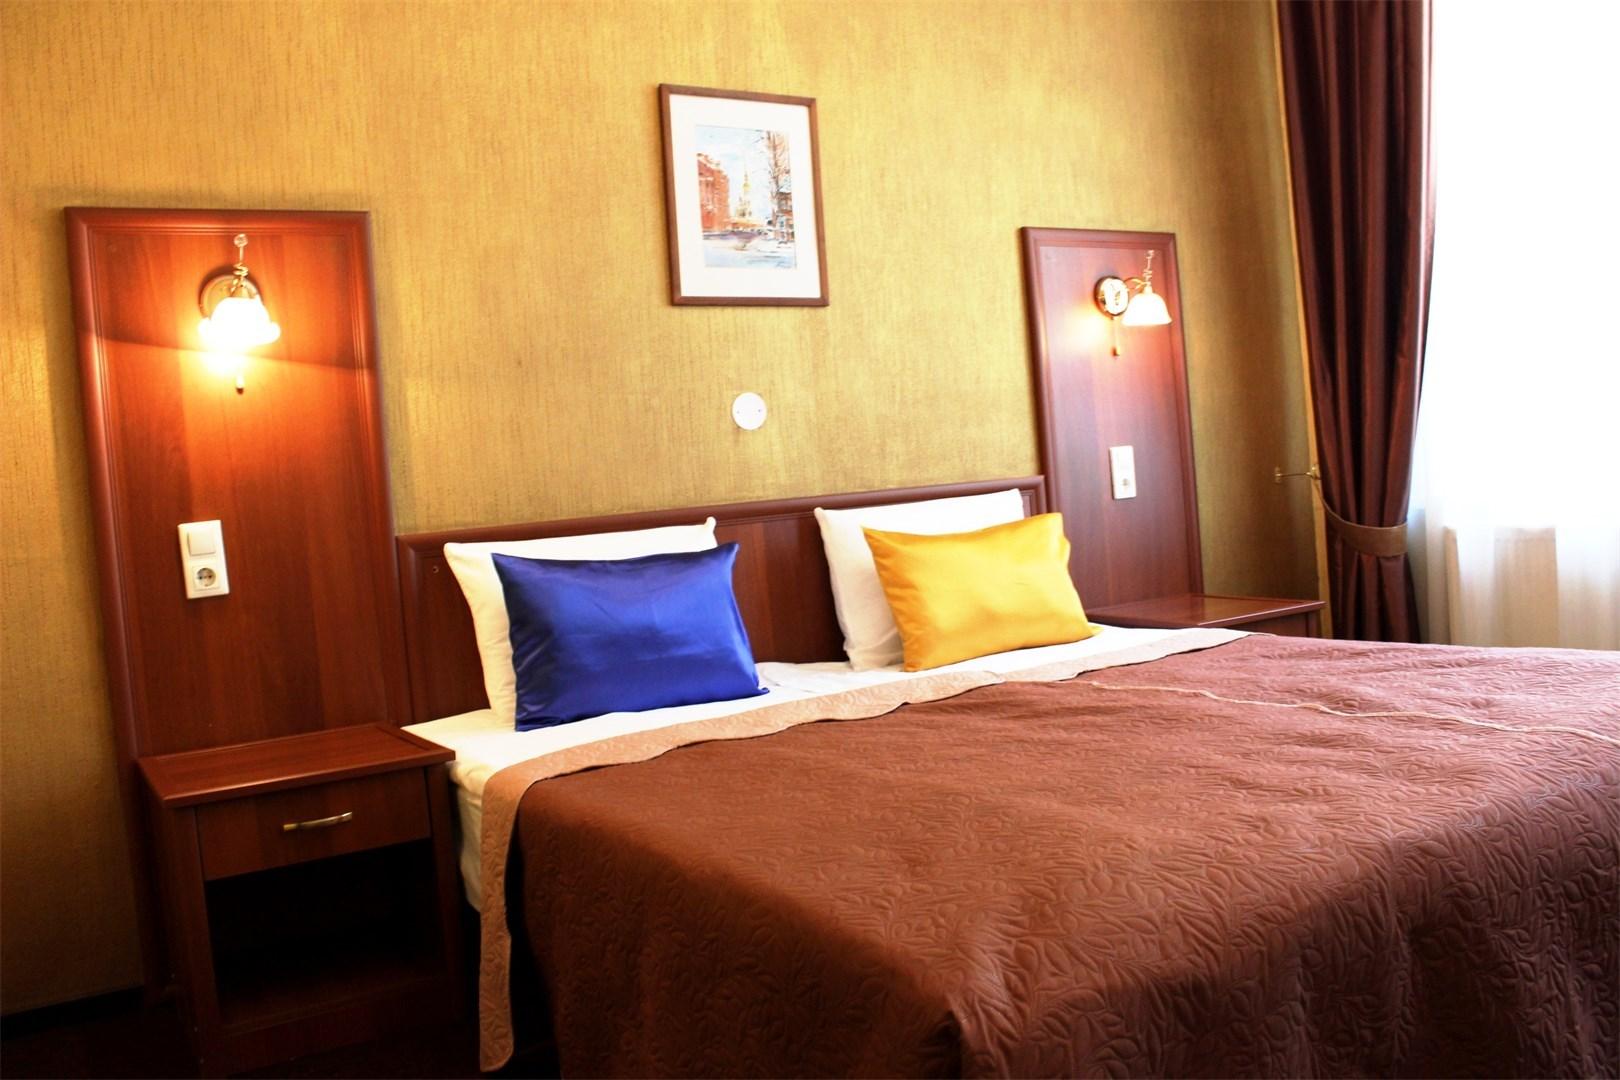 Отель  Александер Плац.